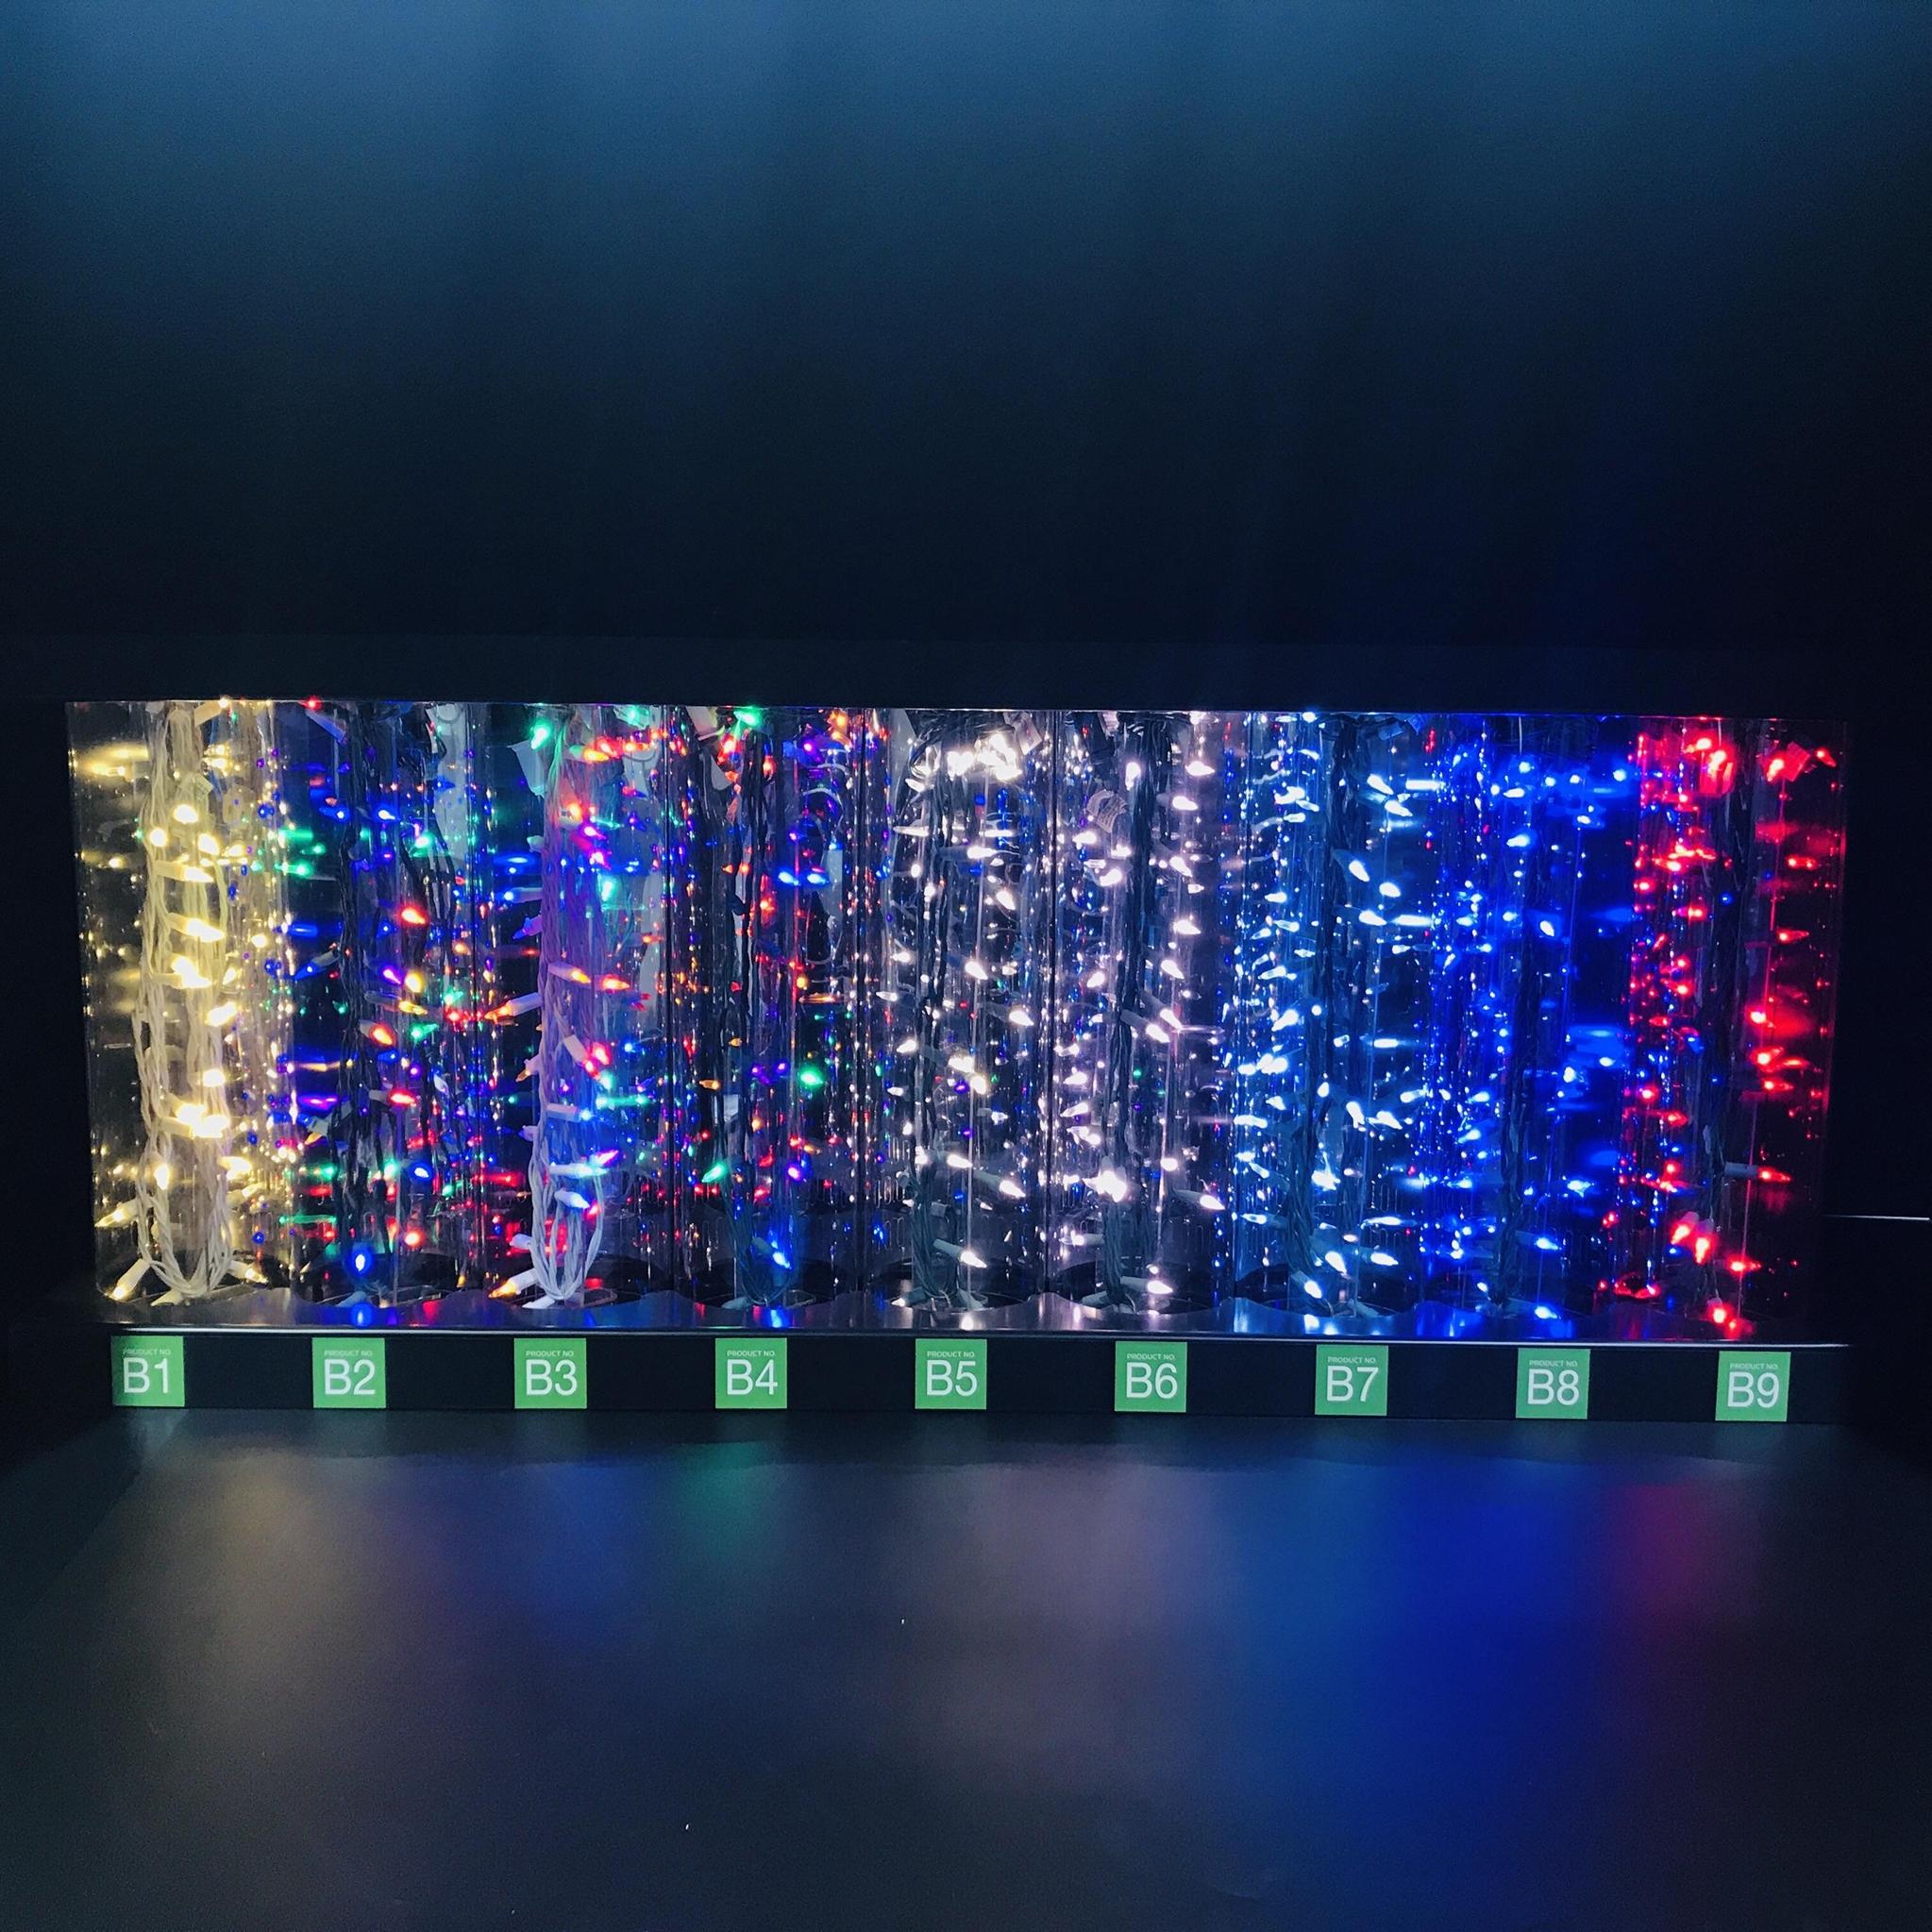 亞克力展示架 有機玻璃聖誕燈展示架 發泡板展示架 led展示架 2